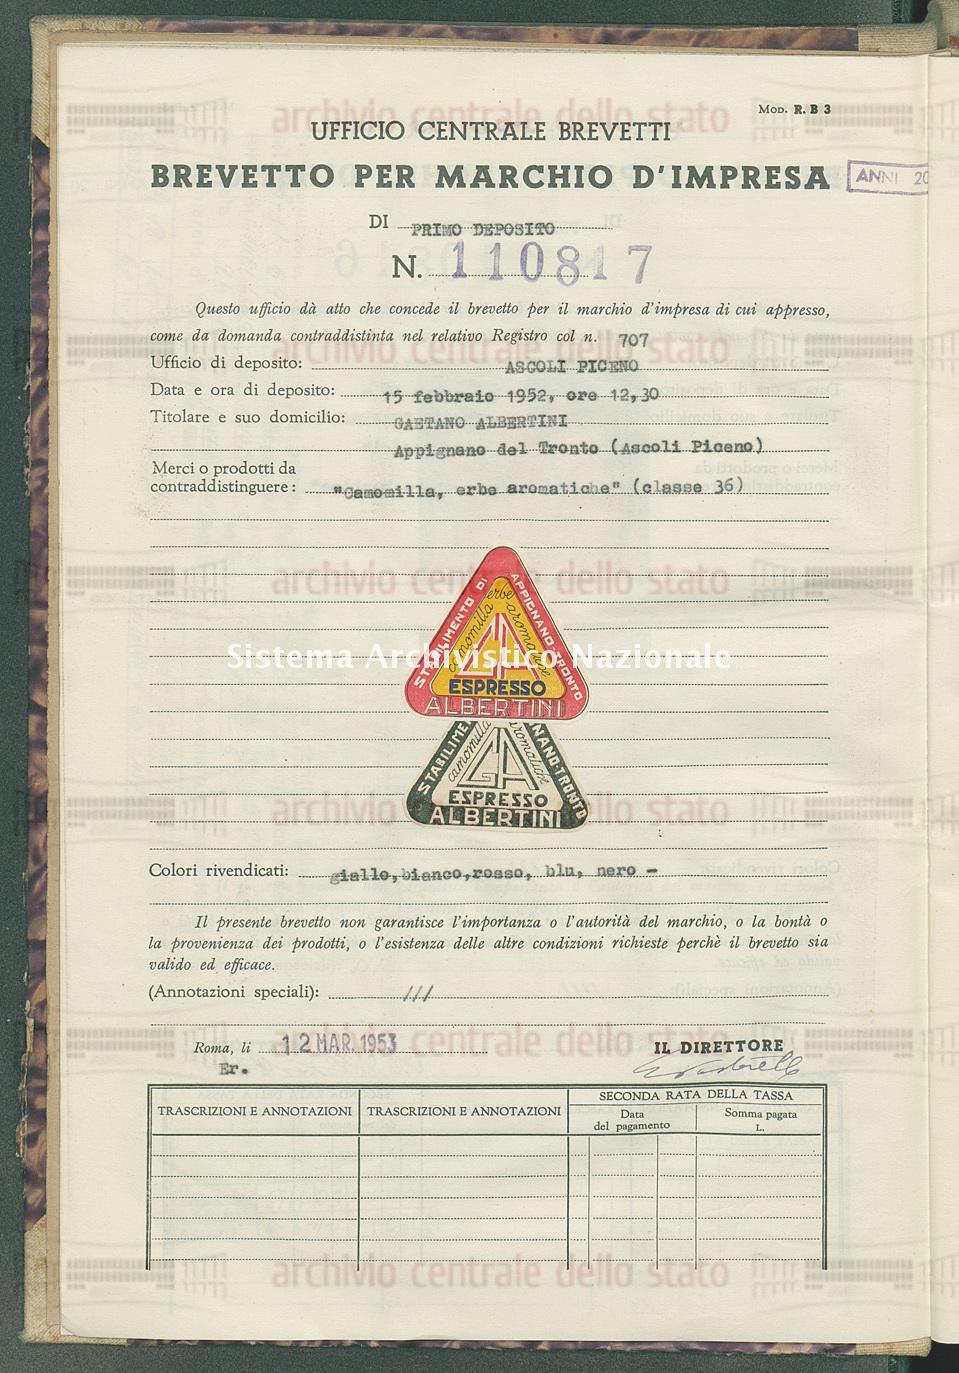 'Camomilla, erbe eromatiche' Gaetano Albertini (12/03/1953)